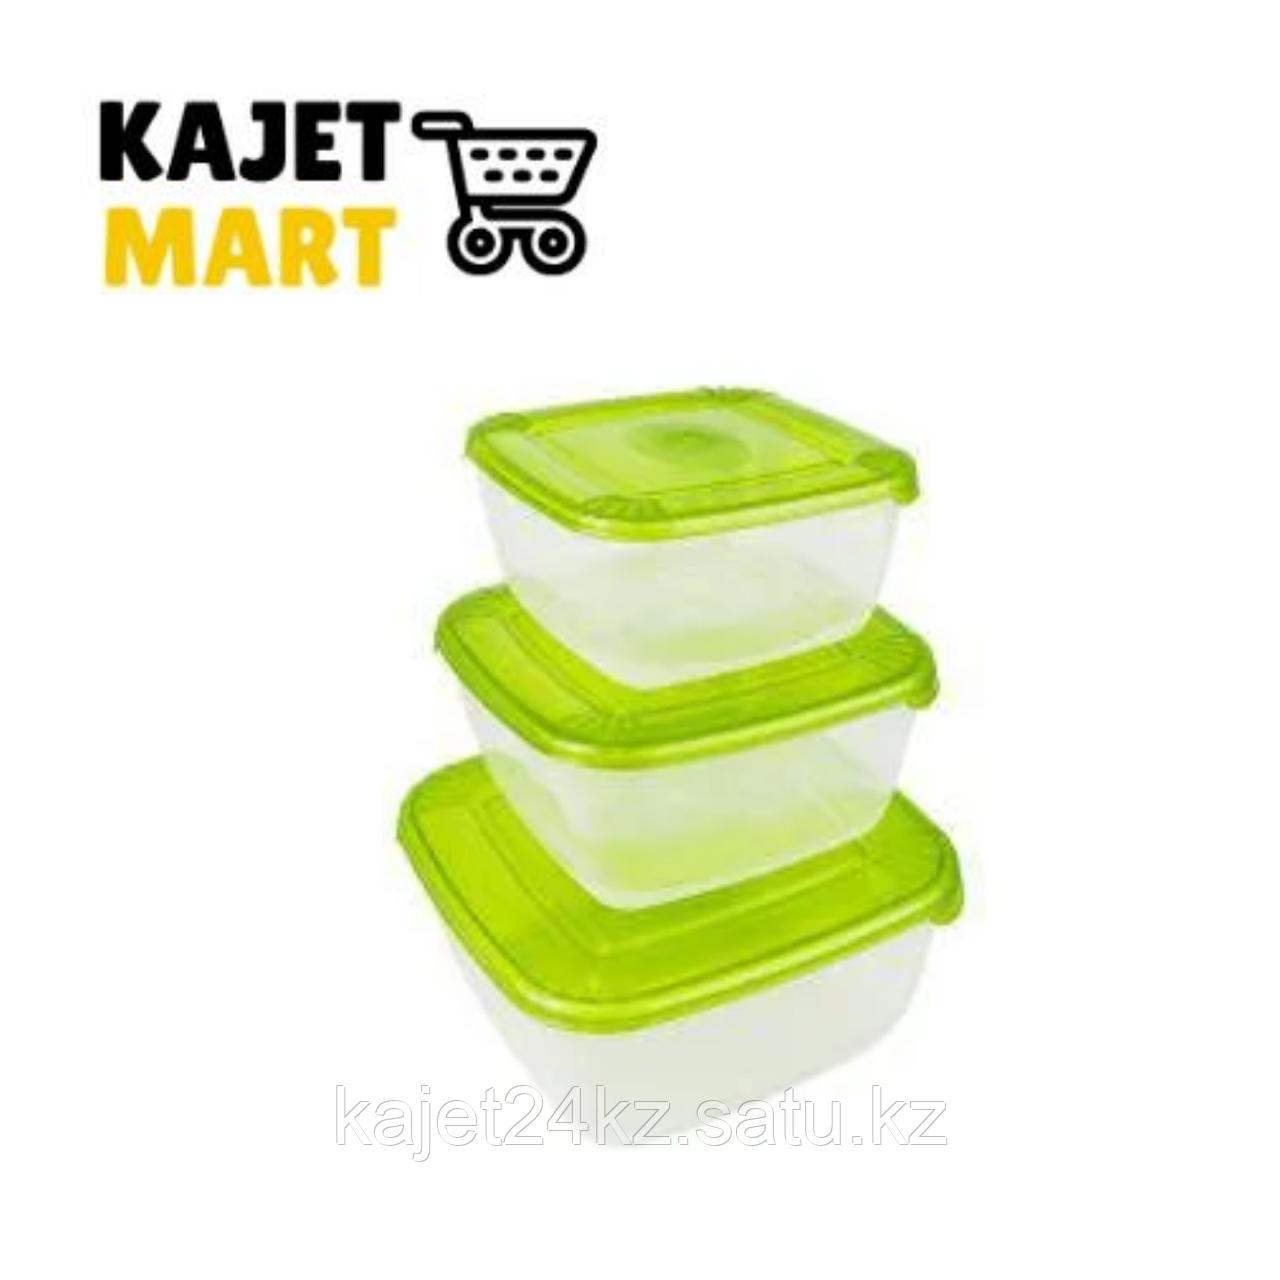 Набор для пищевых продуктов POLAR квадратных 3 шт. (0,46л; 0,95л; 1,5л) лаймовый